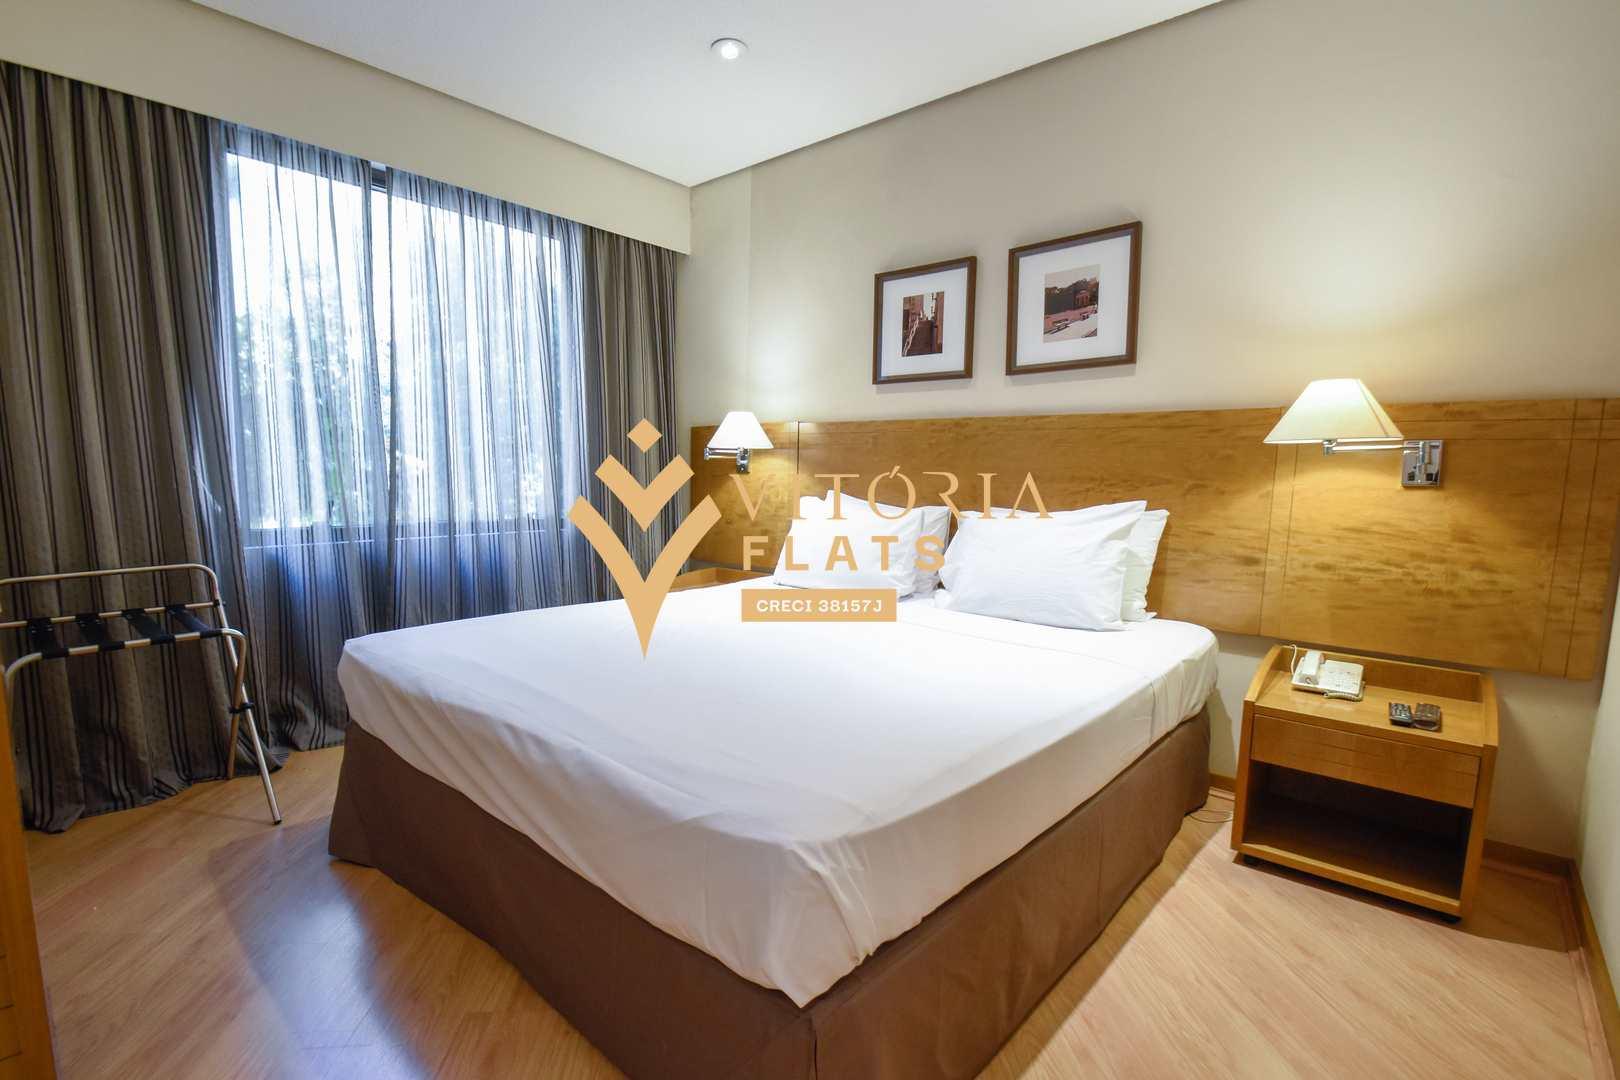 Flat com 1 dorm, Bela Vista, São Paulo - Cod: 64459678